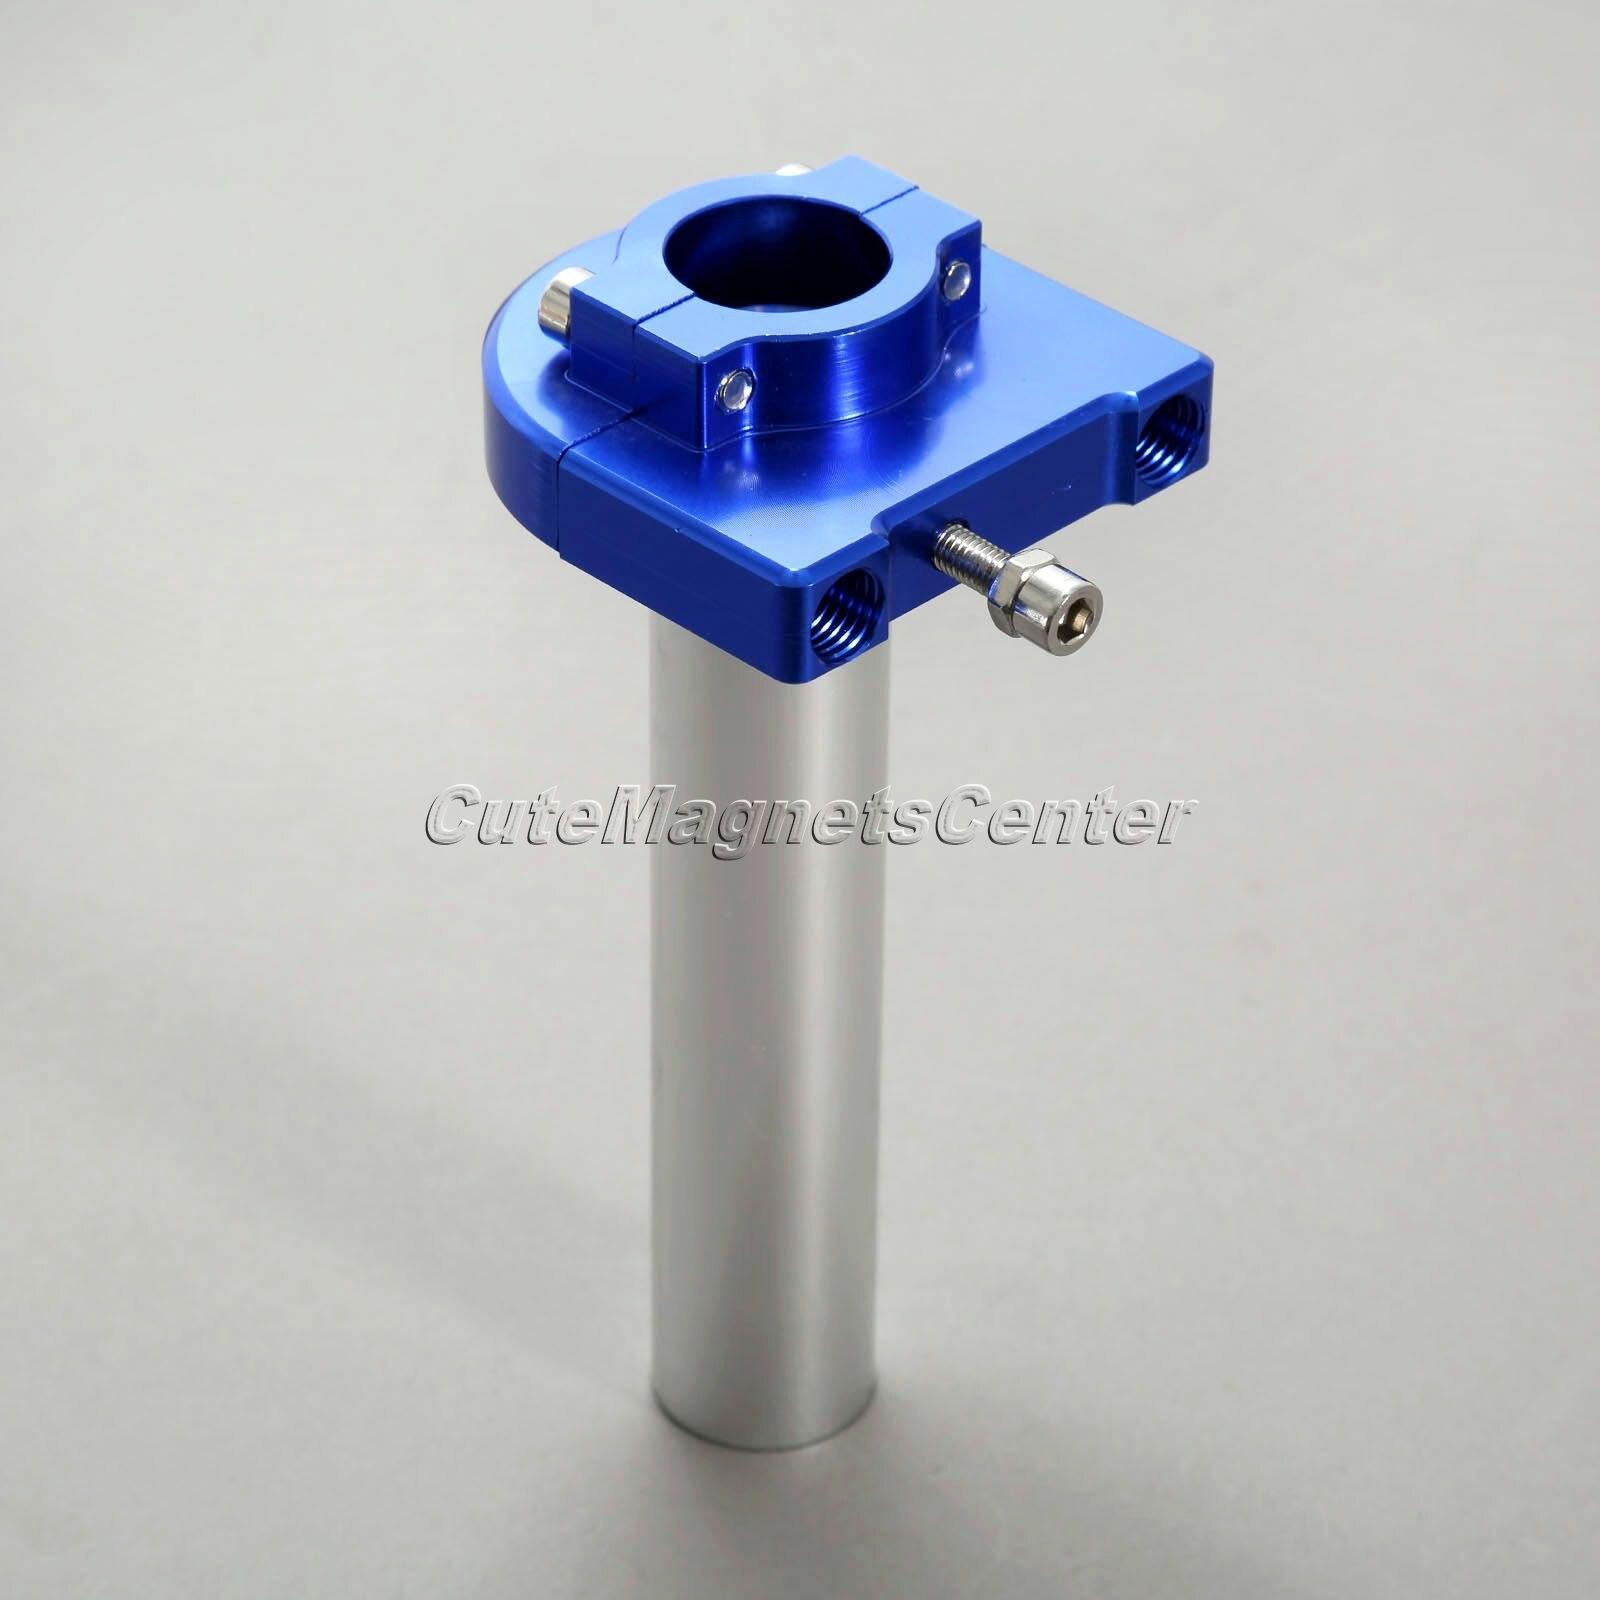 Käepide universaalne CNC alumiinium 7/8-tolline 22mm käepide - Mootorrataste tarvikud ja osad - Foto 4